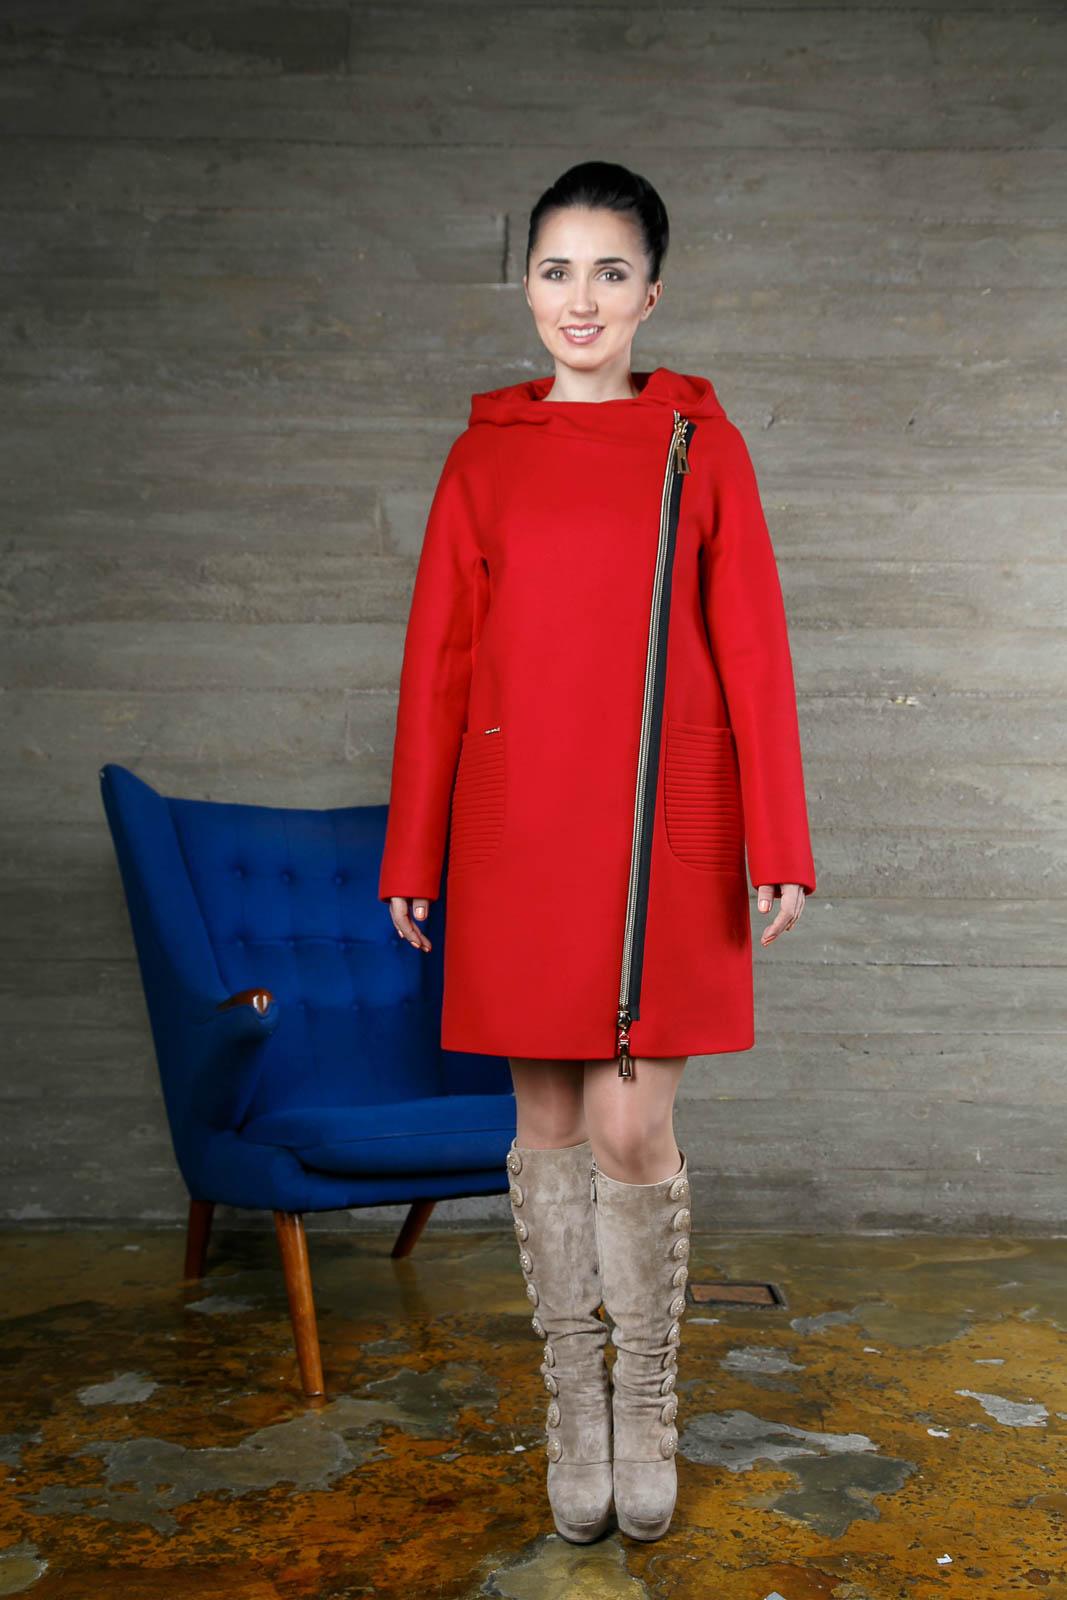 Модель 994, цвет красный, размер 42,44,46. цена 11900 рублей.